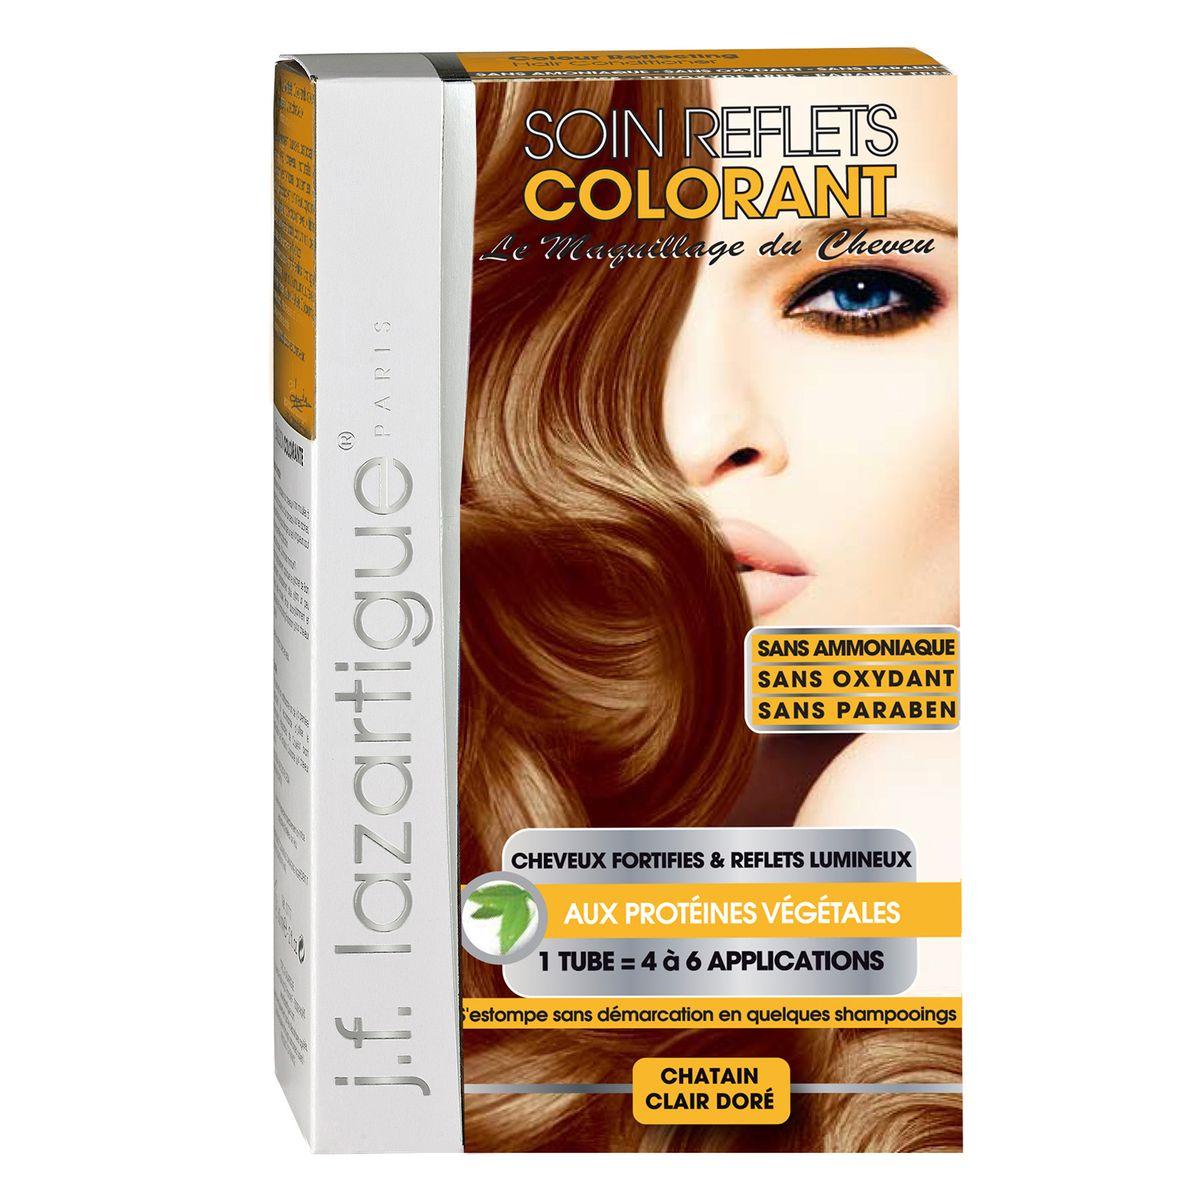 J.F.Lazartigue Оттеночный кондиционер для волос Золотистый светлый каштан 100 мл766936Оттеночный кондиционер J.F.LAZARTIGUE – это лечебный макияж для Ваших волос. Два эффекта: кондиционирование волос и легкий оттенок. Особенности: придает новый или более теплый (или холодный) оттенок, делает тон темнее или акцентирует цвет, оживляет естественный цвет или придает яркость тусклым и выцветшим на солнце волосам. Закрашивает небольшой процент седины! После мытья волос шампунем (3-6 раз) смывается. Для достижения индивидуального оттенка можно смешать два разных кондиционера: добавить к выбранному ТЕМНЫЙ РЫЖИЙ (Auburn), МЕДНЫЙ (Copper) и т.п. Не осветляет волосы. Не содержит аммиака и перекиси водорода. Не содержит парабенов. Не предназначен для окрашивания бровей и ресниц.